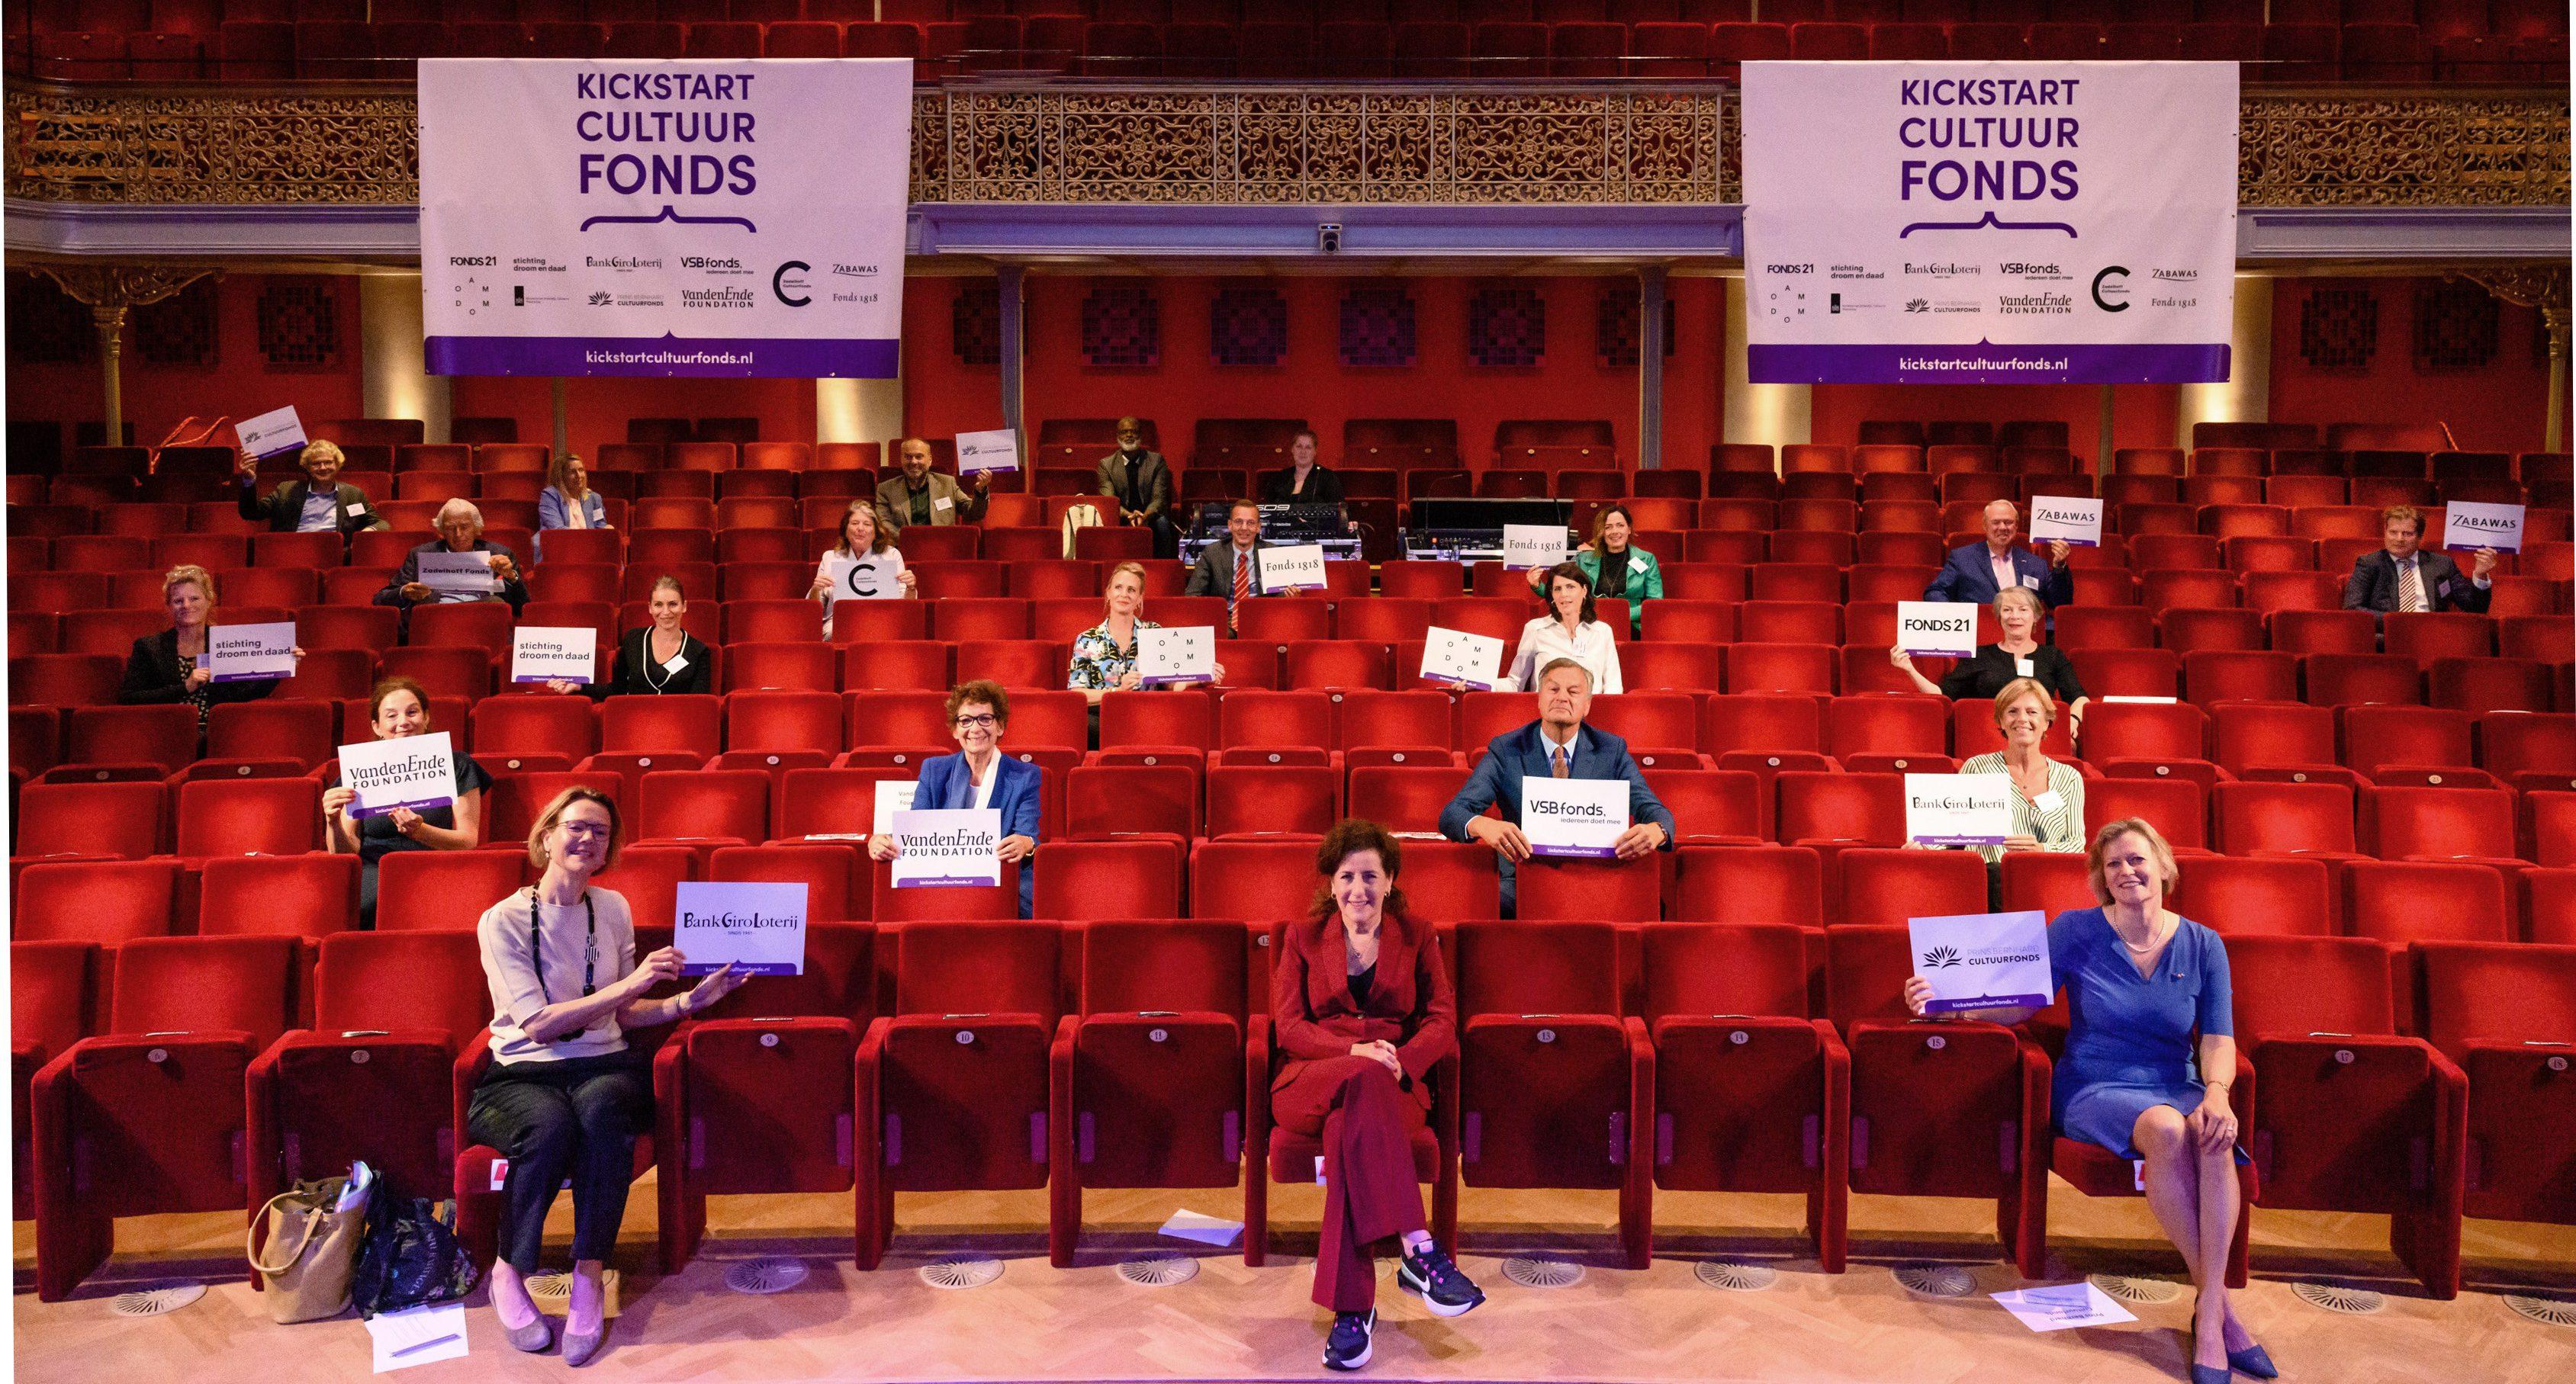 Theaterzaal van Diligentia in Den Haag met op afstand van elkaar alle directeuren van de cultuurfondsen die op 2 juli 2020 het Kickstart Cultuurfonds lanceren, in aanwezigheid van de minister van cultuur.